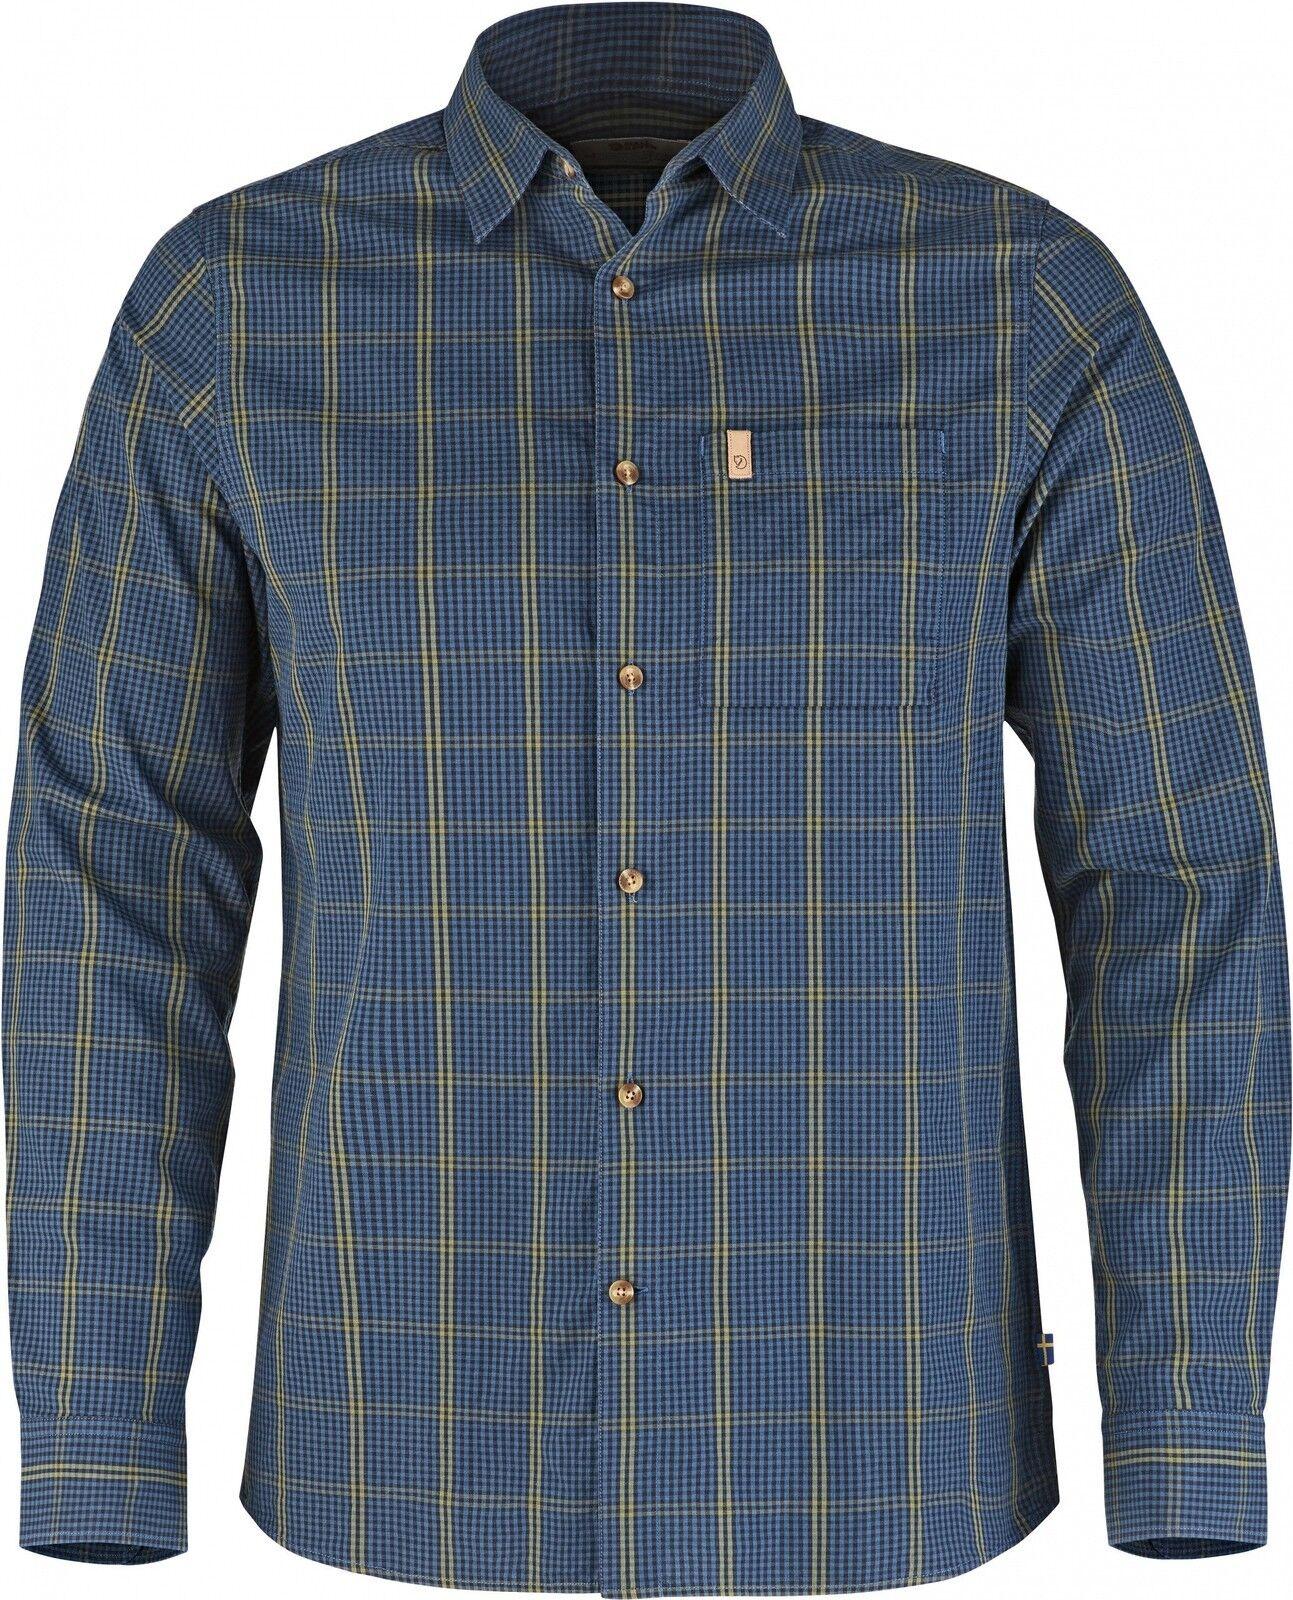 Fjäll Räven Kiruna Shirt Men's Long Sleeve Shirt, Cotton Shirt,  Uncle bluee  high-quality merchandise and convenient, honest service